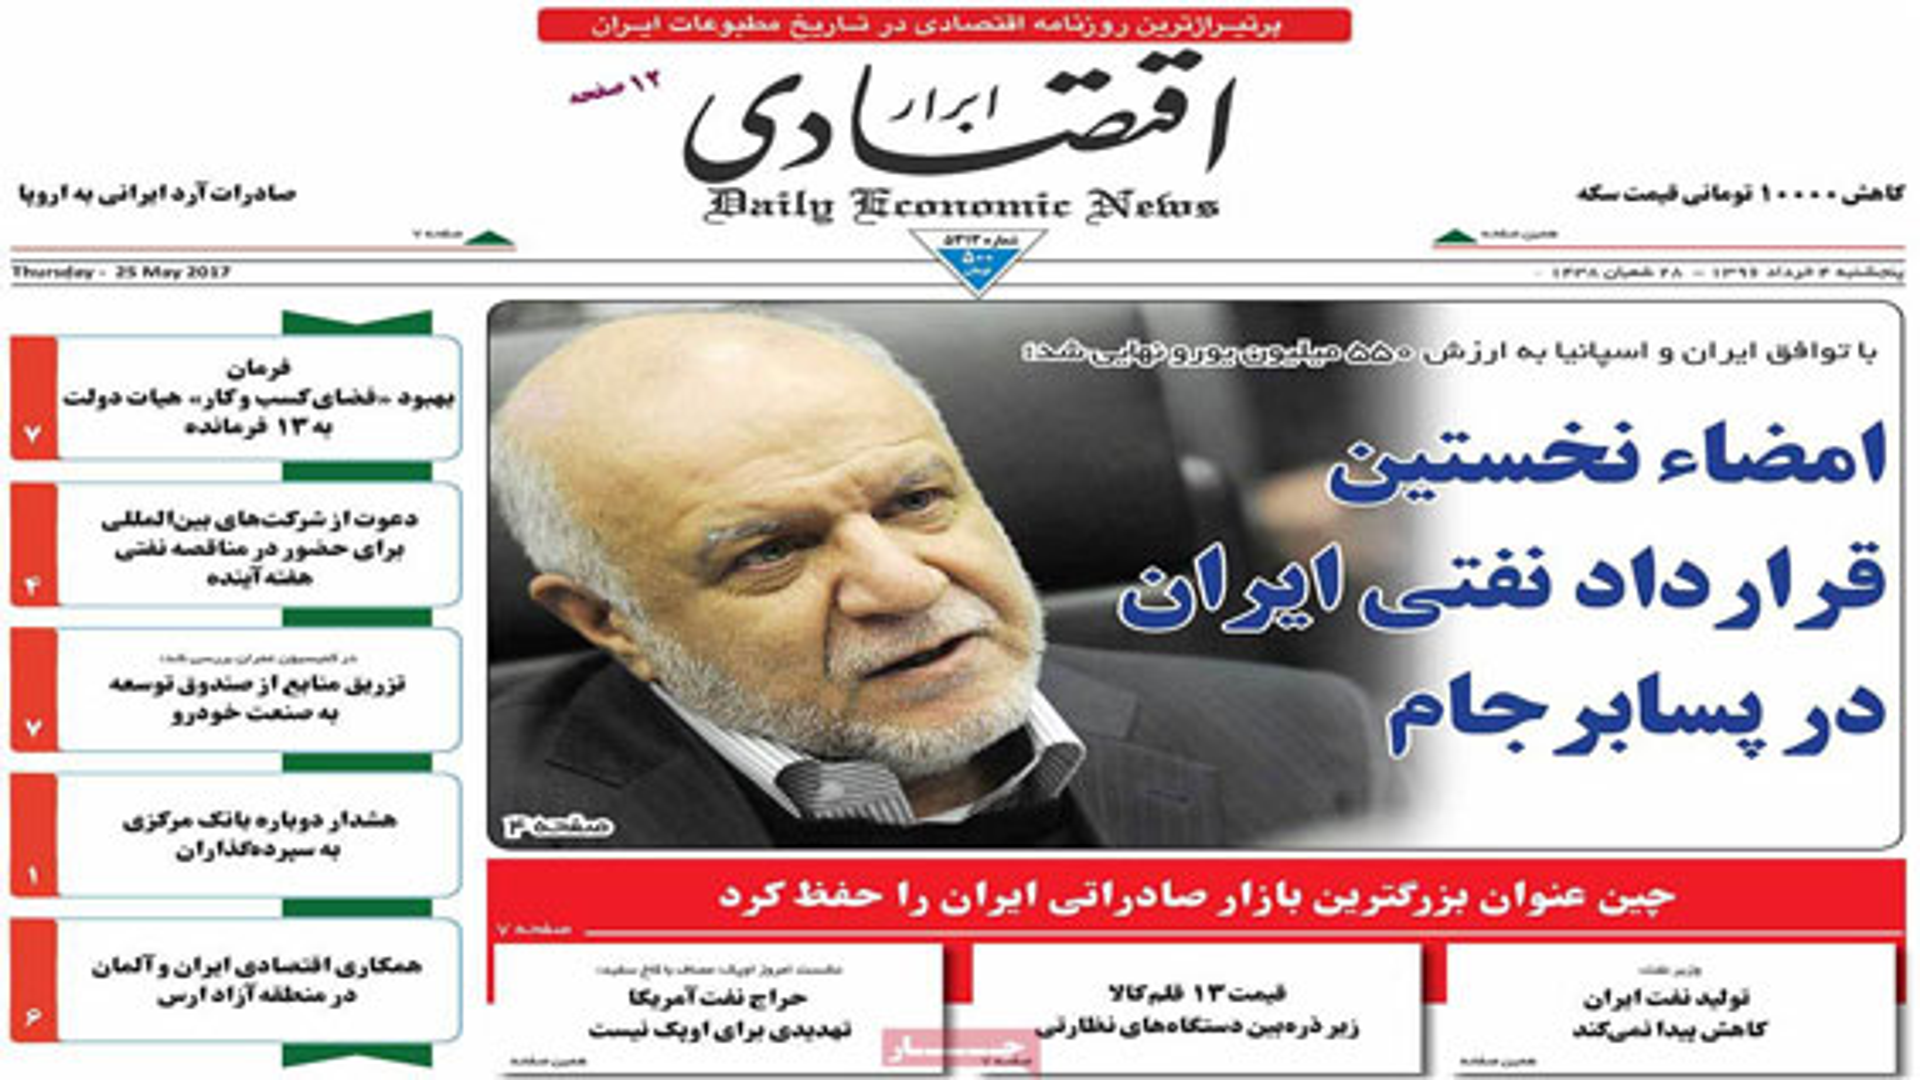 عناوین روزنامه های اقتصادی پنجشنبه 4 خرداد | فیلم